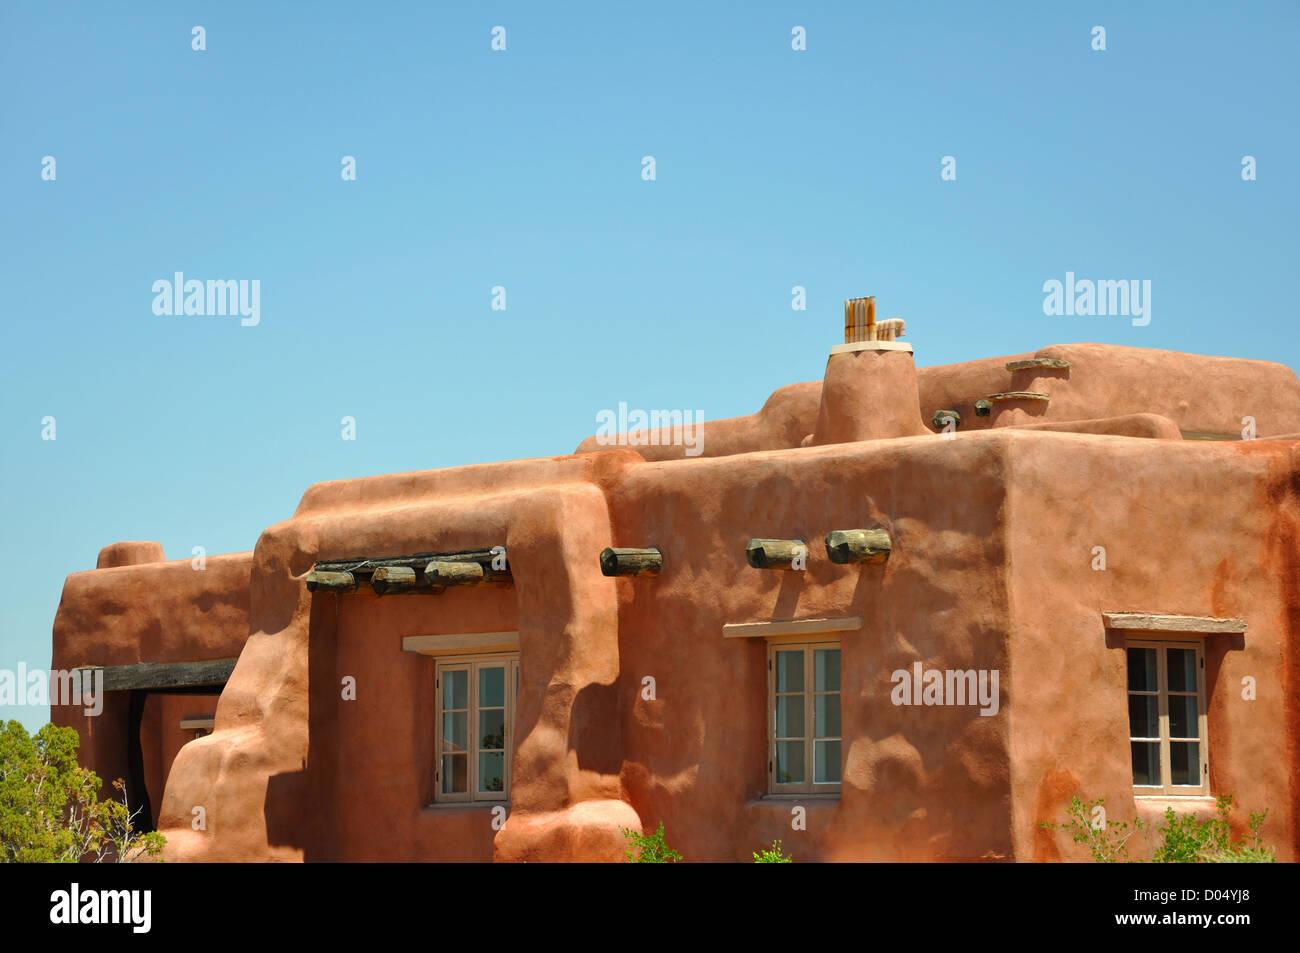 Adobe style house, Arizona, USA - Stock Image